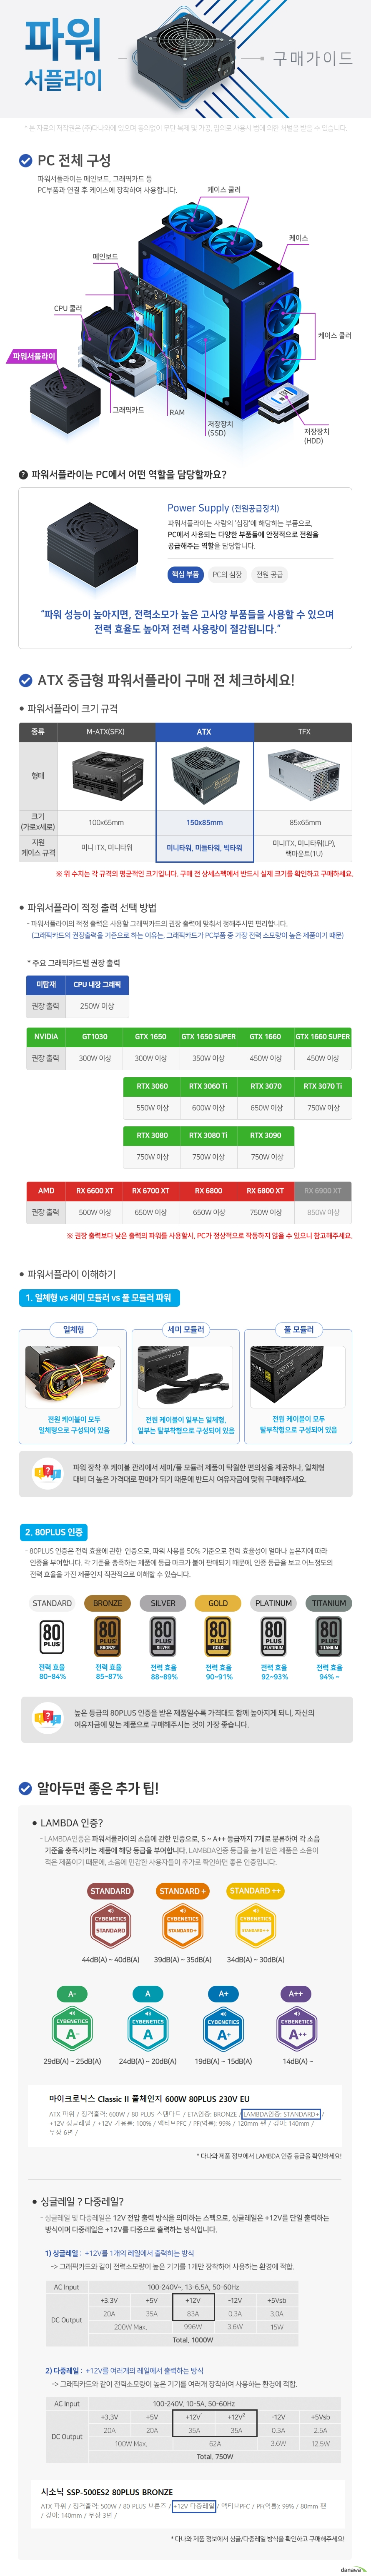 마이크로닉스 CASLON M 500W 80PLUS 230V EU